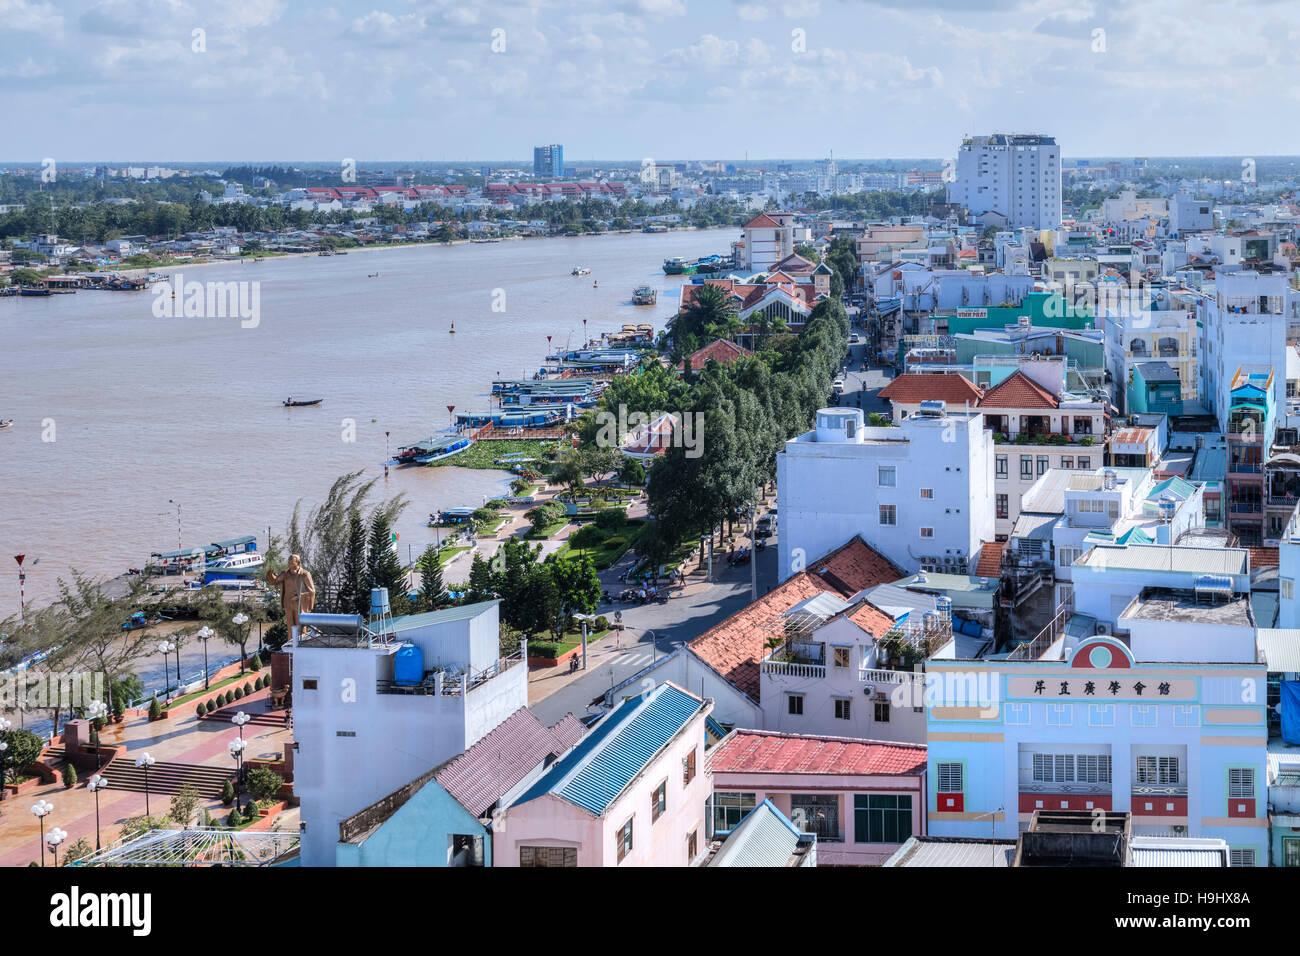 Can Tho, Mekong Delta, Vietnam, Asien Stockbild